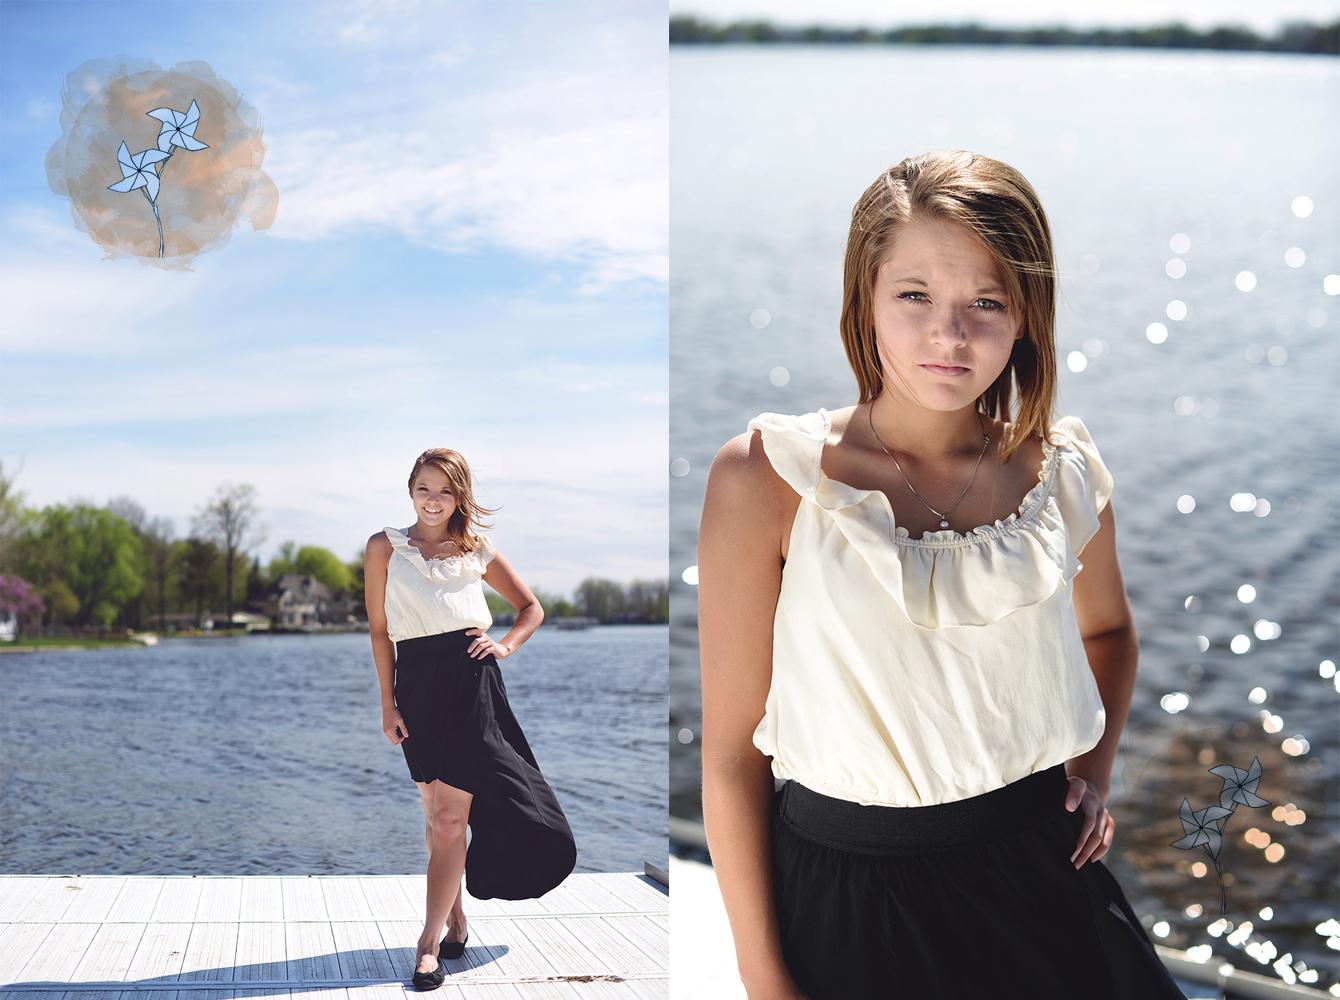 SeniorPhotographerWarsaw7.jpg